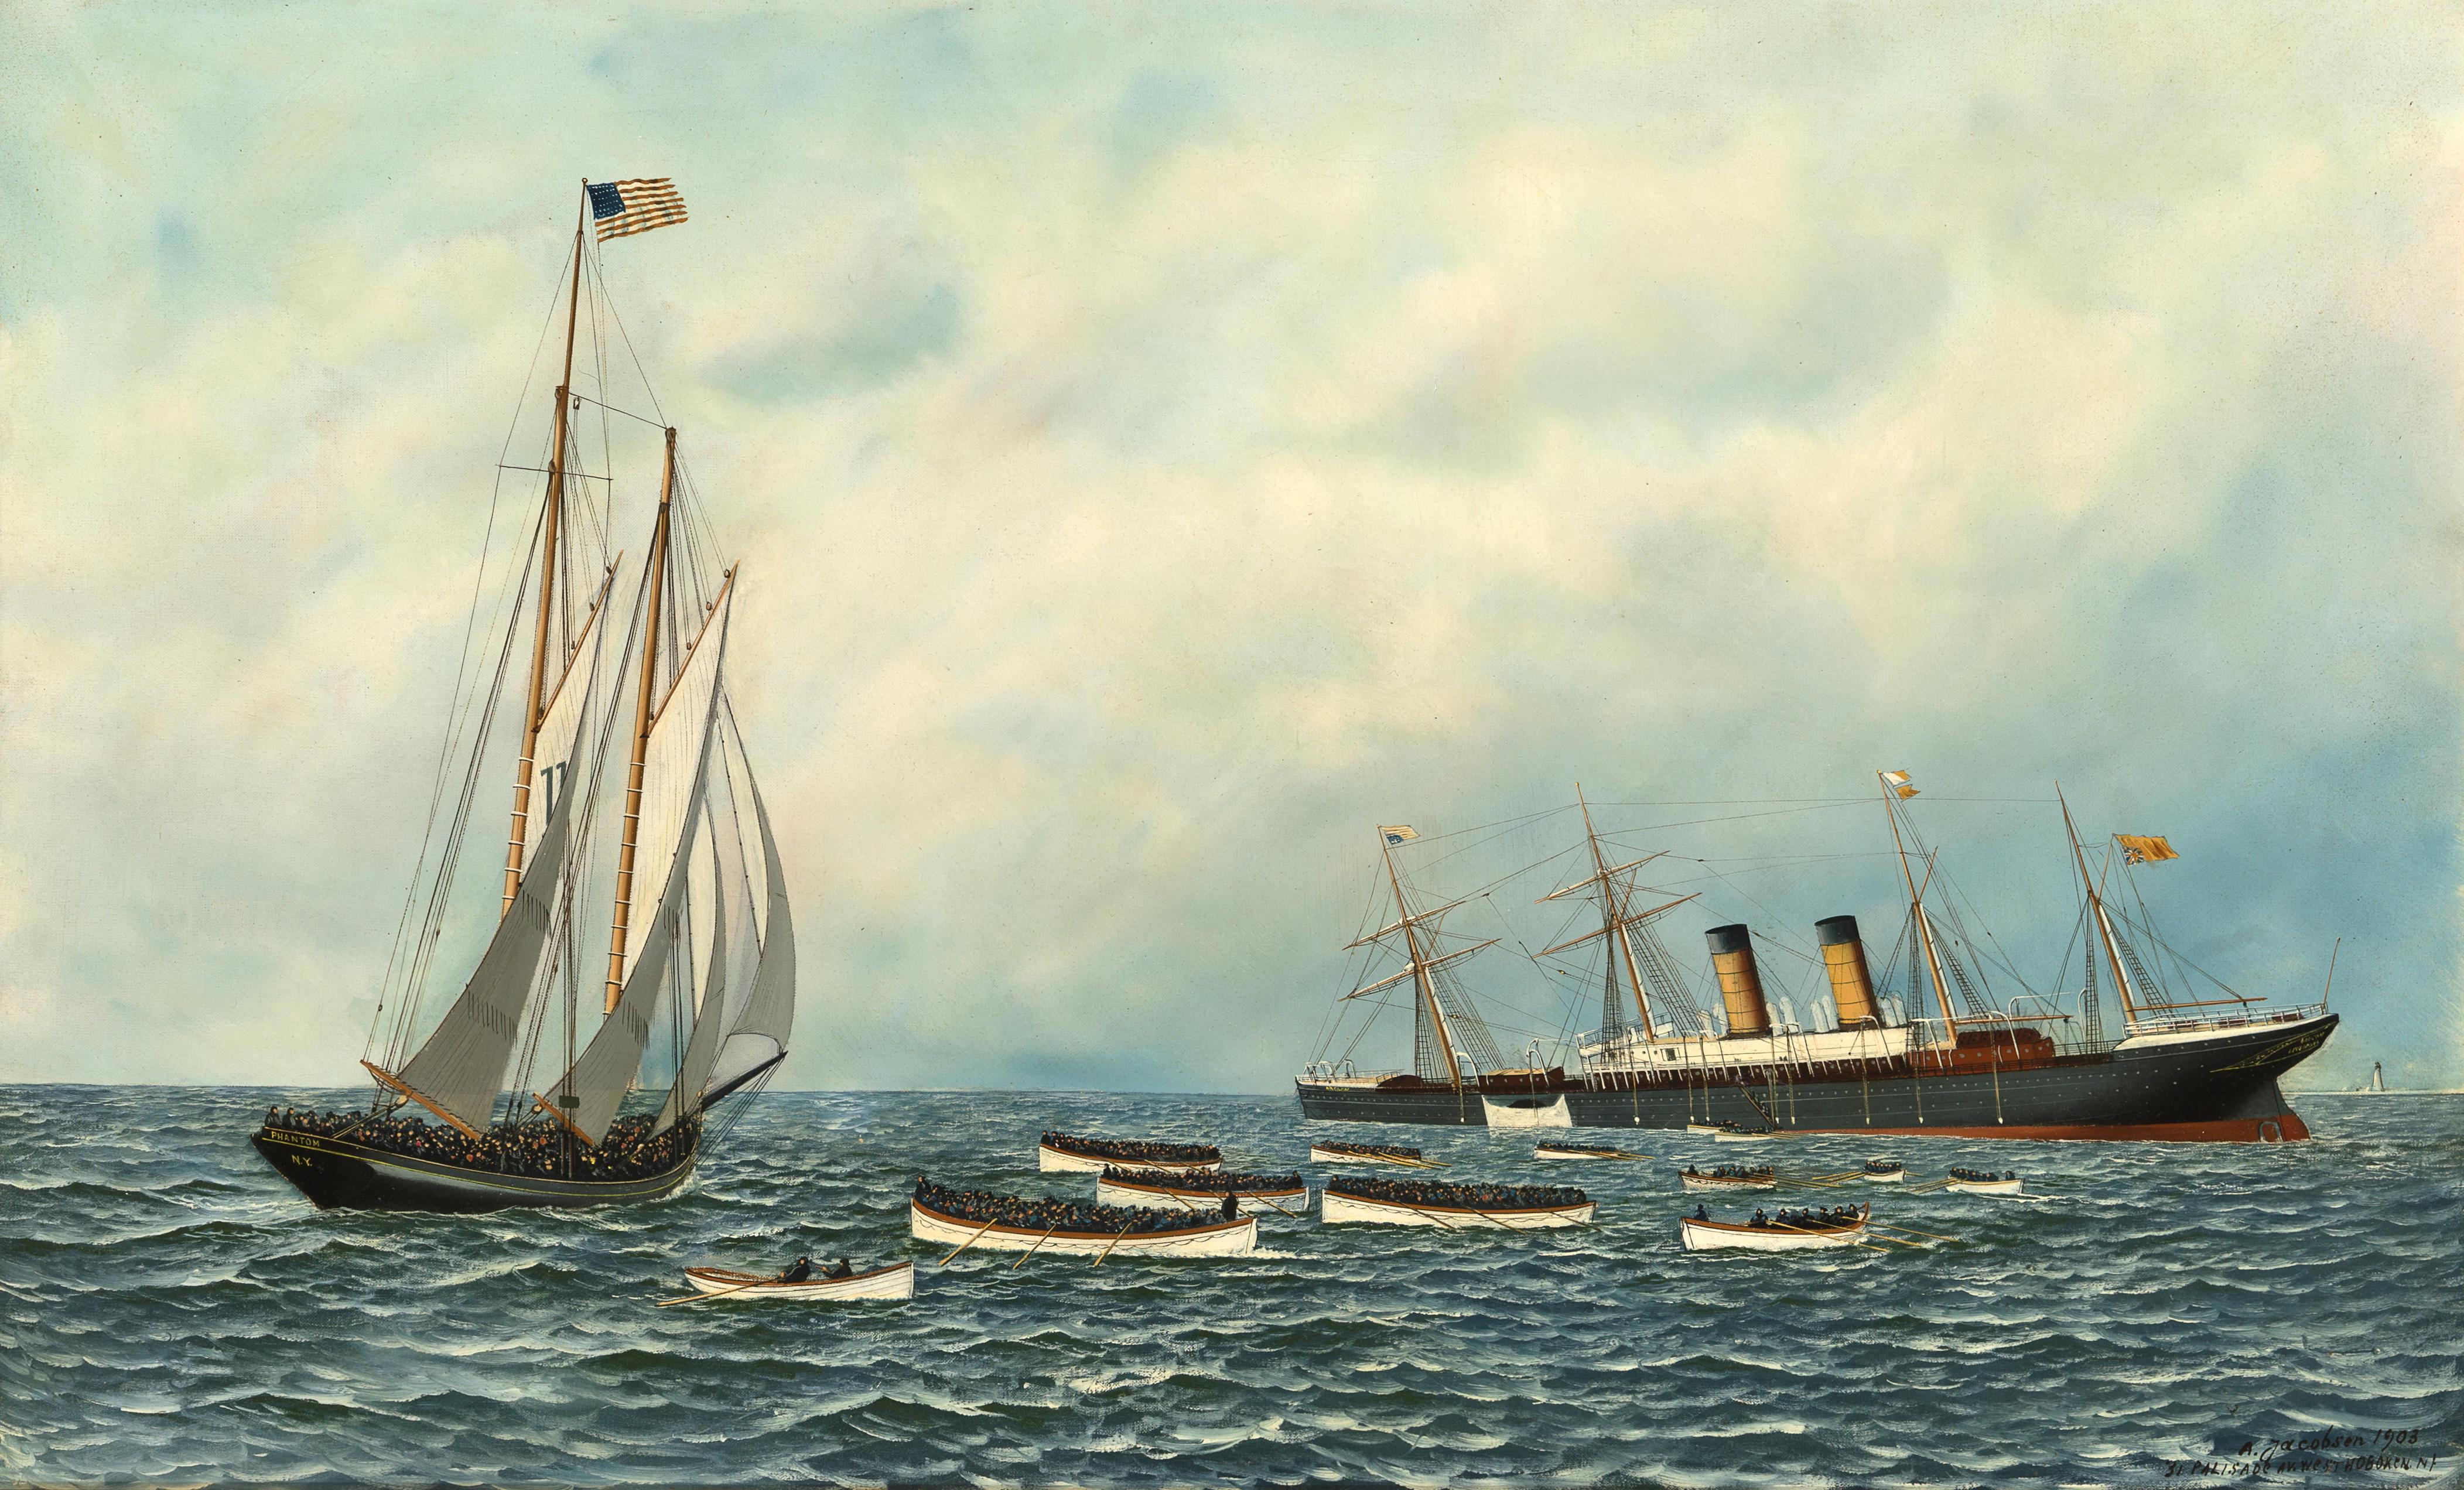 Sinking Ships - The Cinema Clock